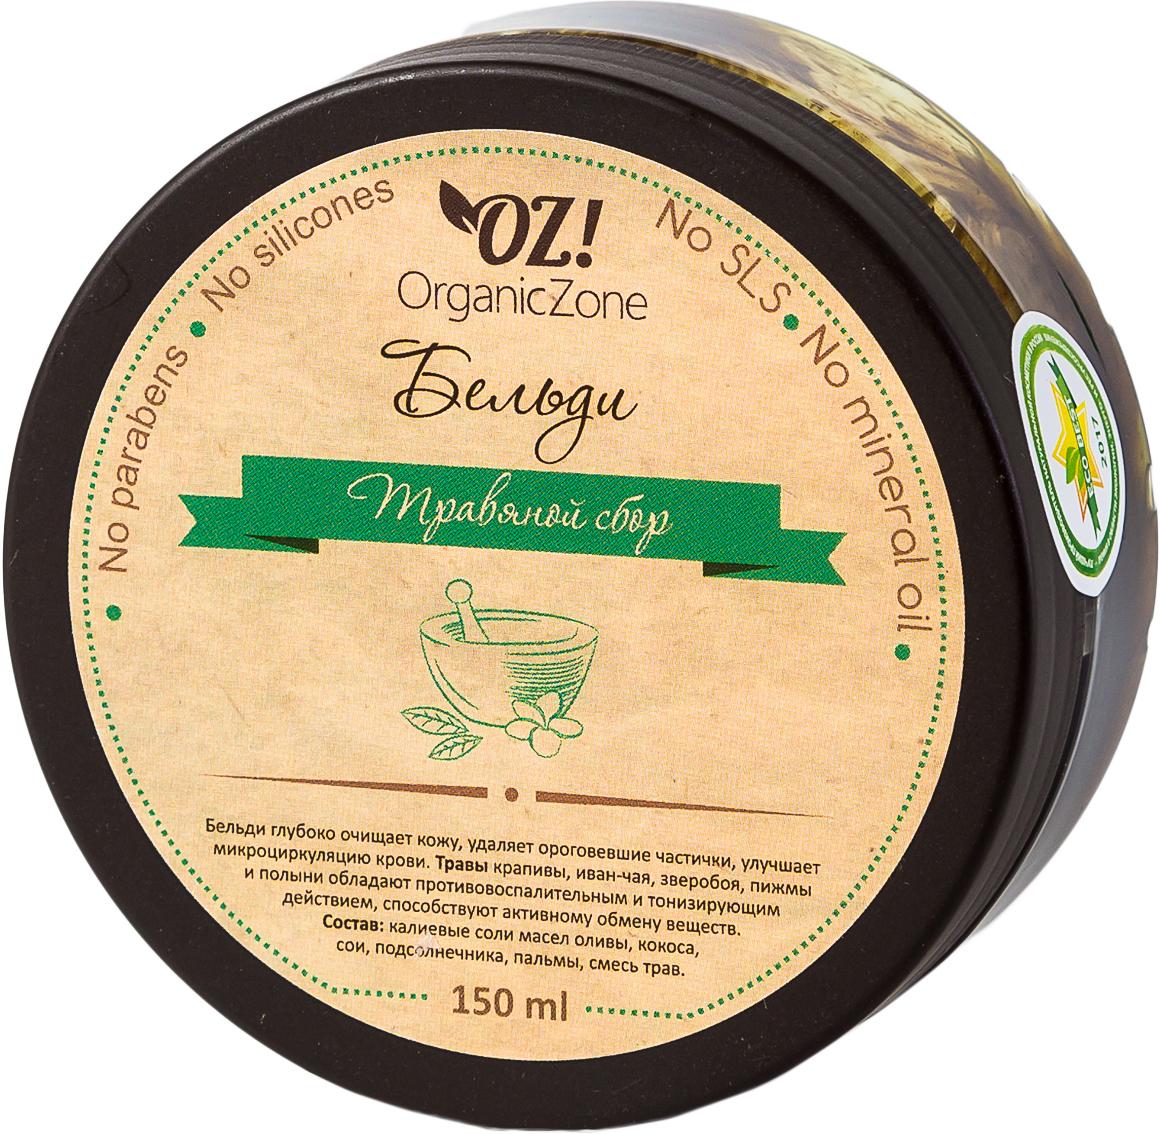 OrganicZone Бельди Травяной сбор, 150 мл4626018133903Глубоко очищает кожу, удаляет ороговевшие частички, улучшает микроциркуляцию крови. Травы тысячелистника, эхинацеи, крапивы и ромашки обладают противовоспалительным и тонизирующим действием, способствуют активному обмену веществ.